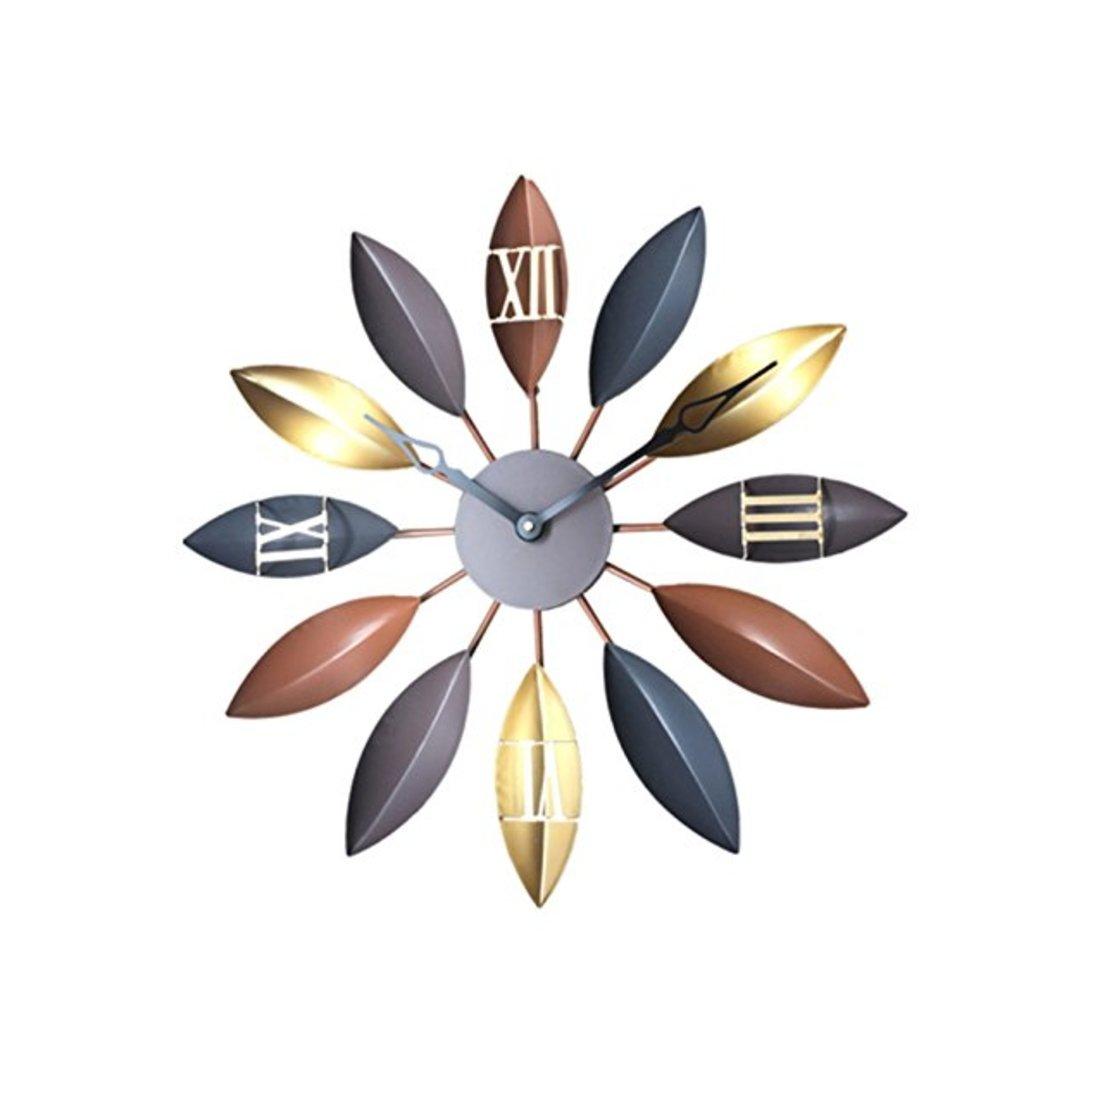 GREEM MARKET(グリームマーケット) ウォール クロック 大 大きい モダン おしゃれ モダン 葉 リーフ デザイン 金属 メタル 壁掛け時計 掛け時計 品番:GMS00965(モカ) B077Q7DB6C モカ モカ